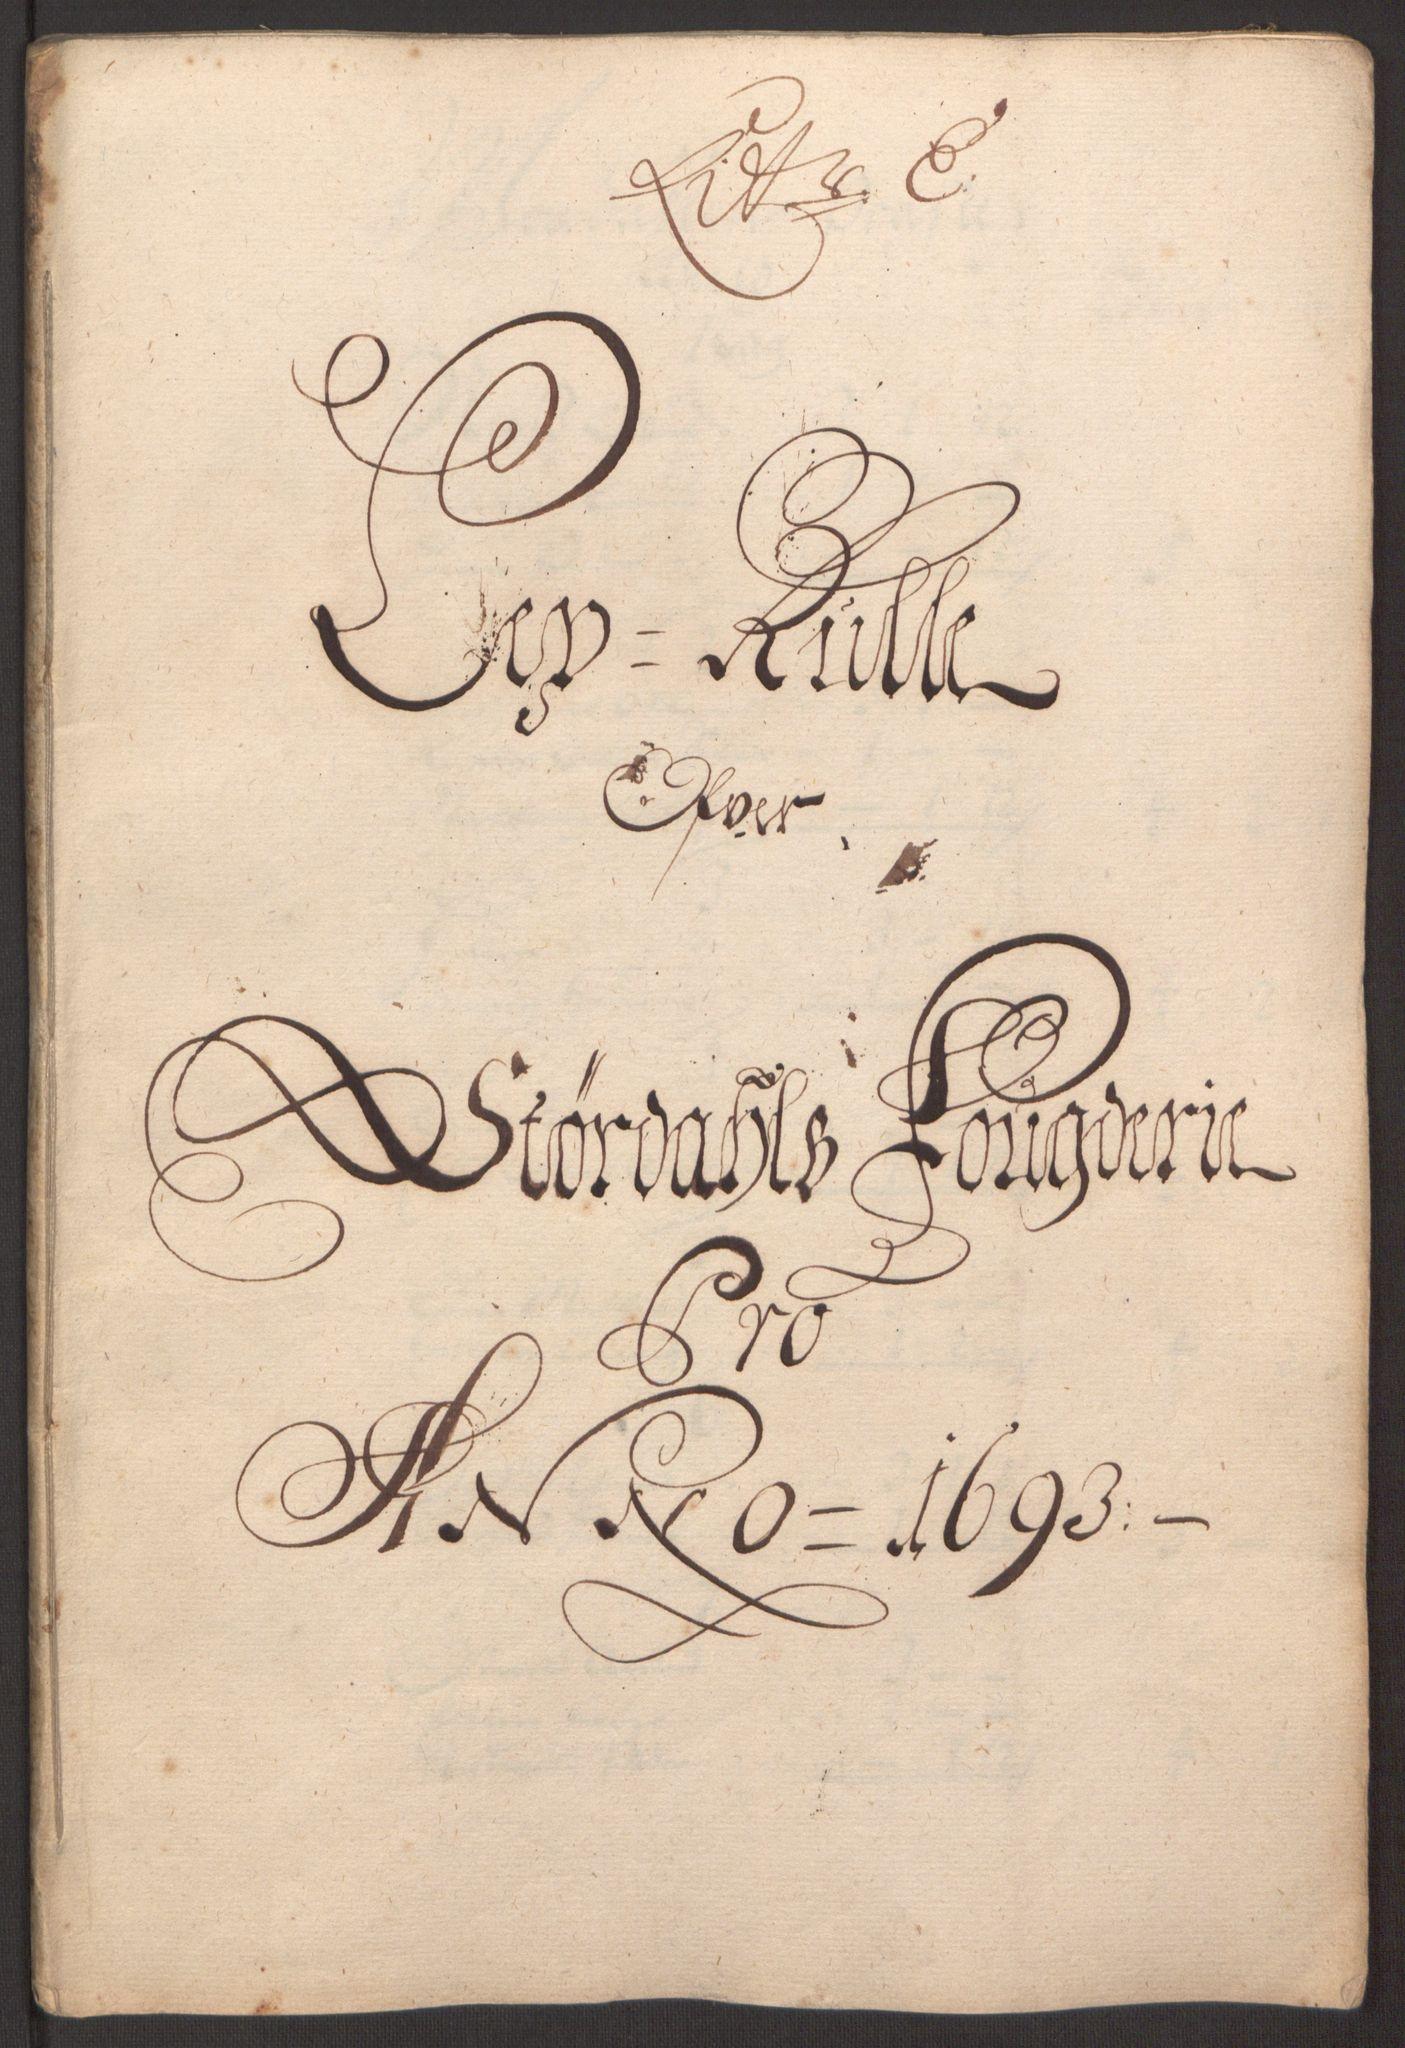 RA, Rentekammeret inntil 1814, Reviderte regnskaper, Fogderegnskap, R62/L4186: Fogderegnskap Stjørdal og Verdal, 1693-1694, s. 49